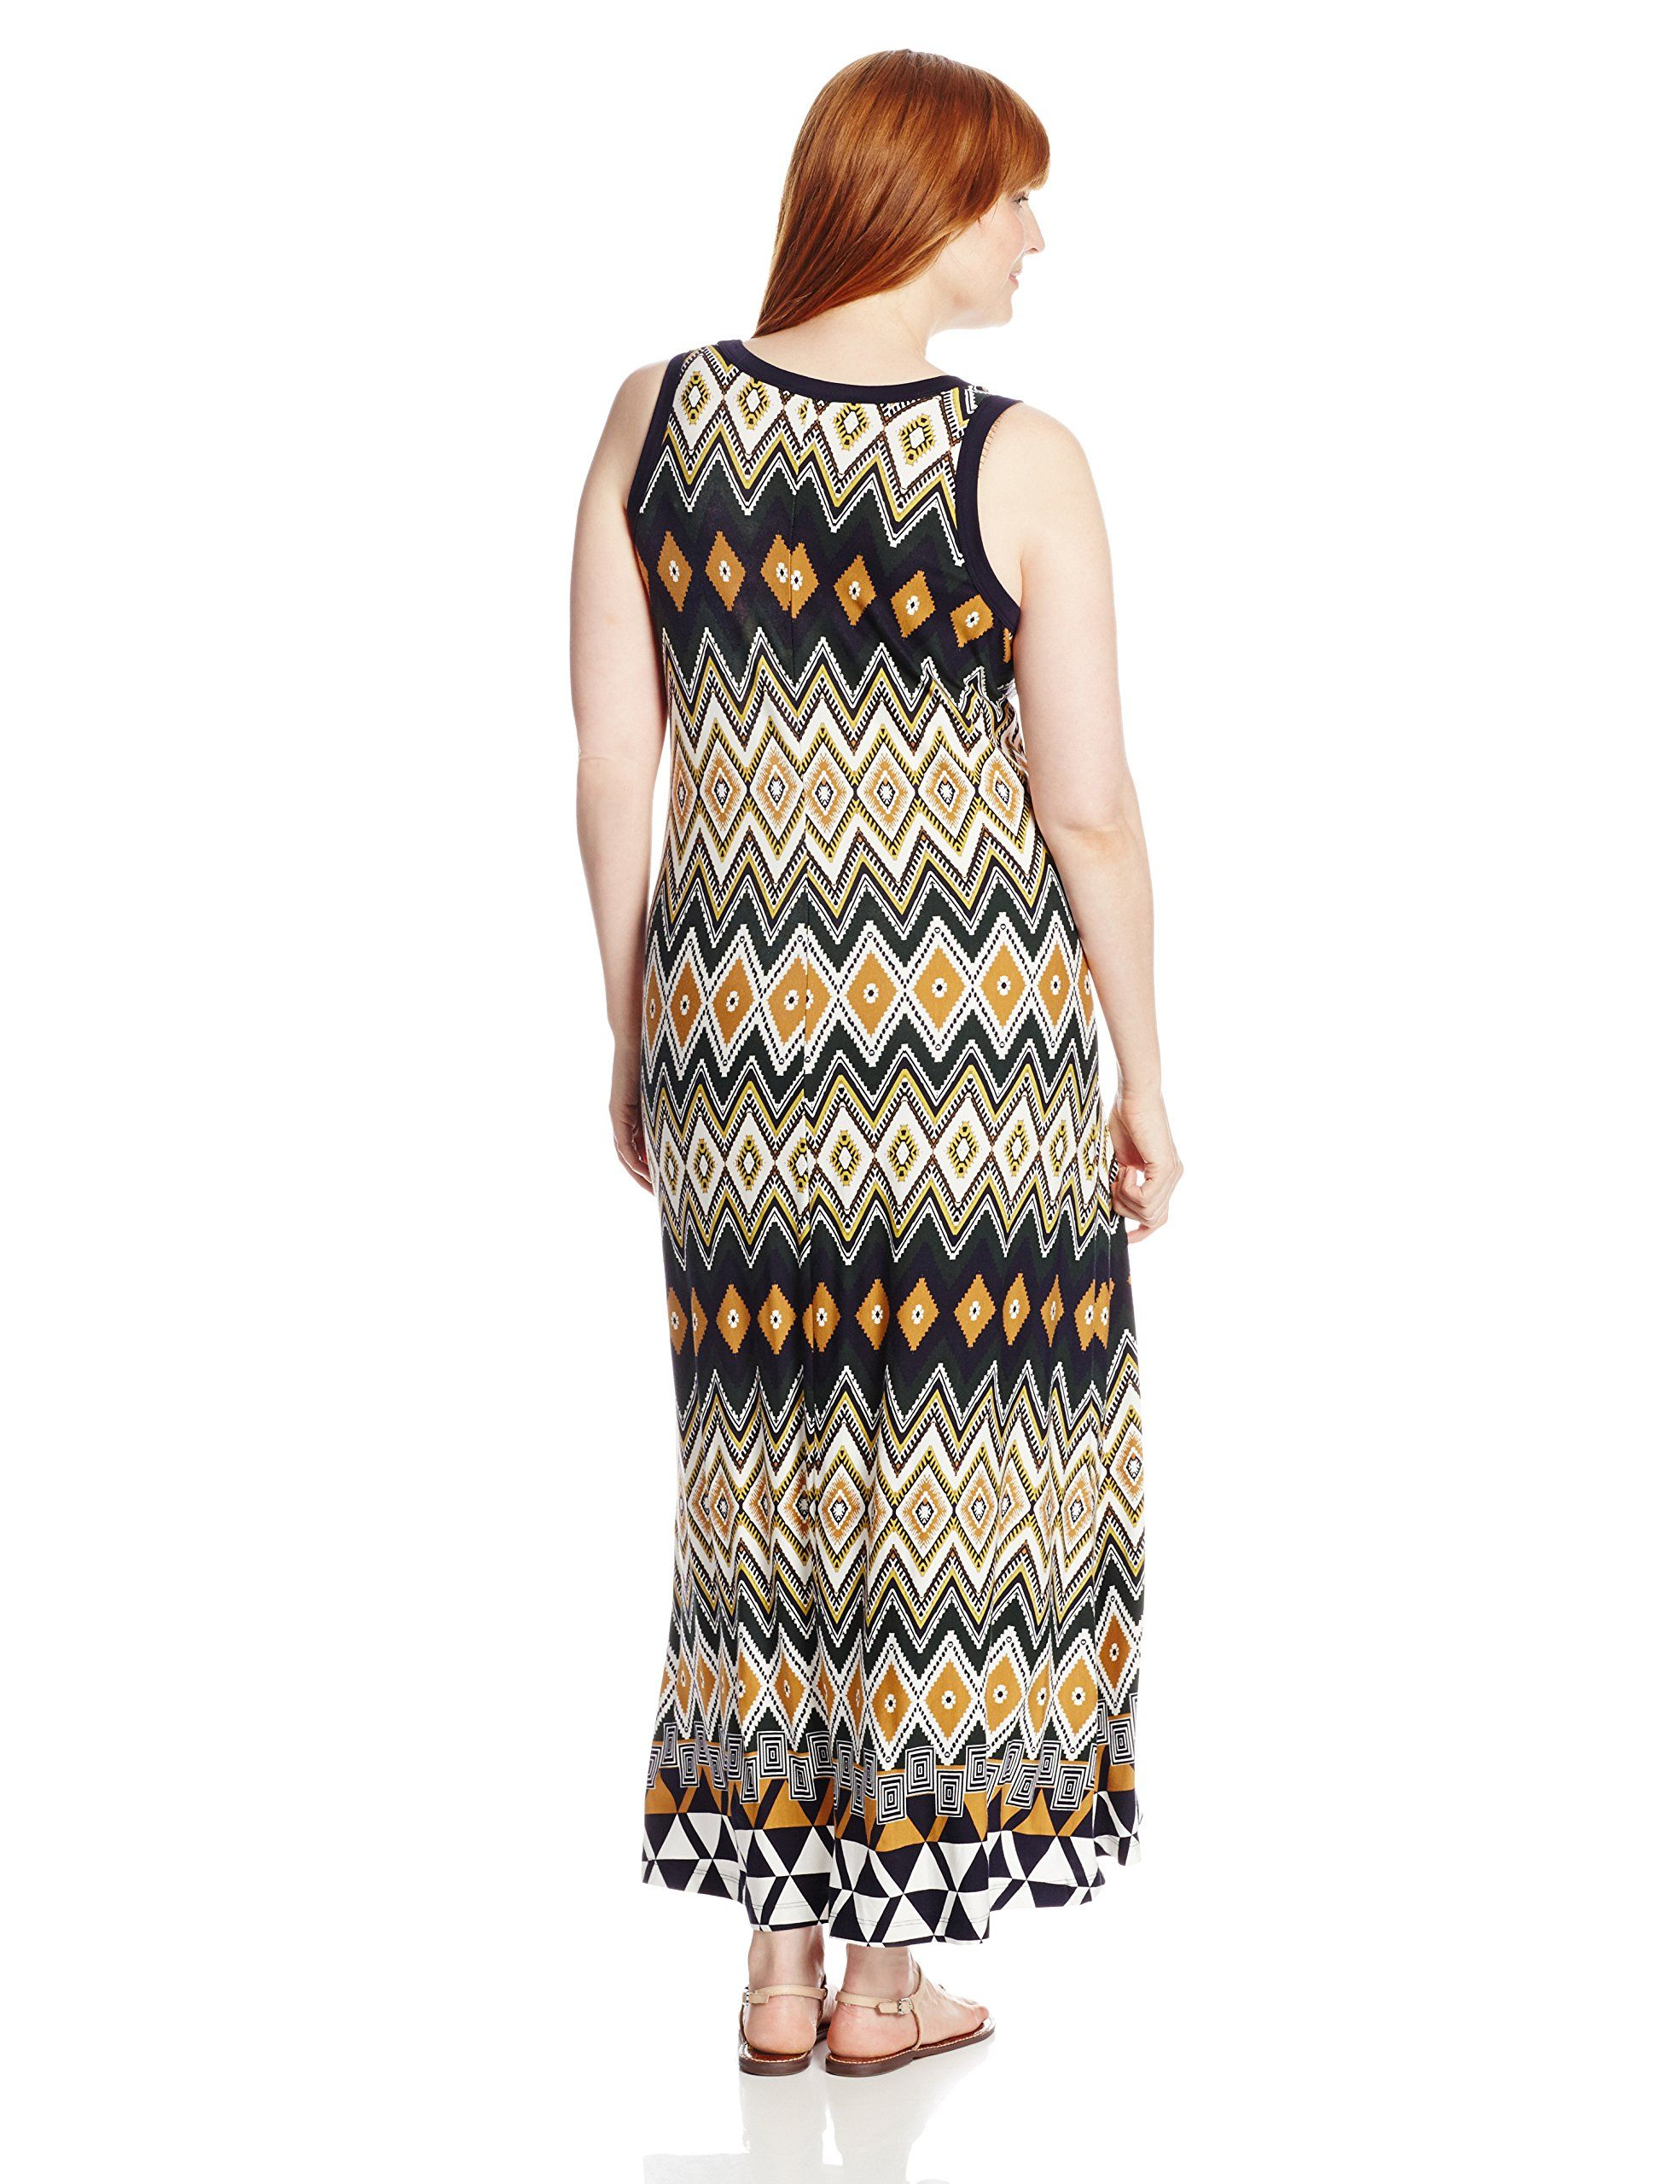 Karen Kane Women S Plus Size Fashion Egyptian Diamond Maxi Dress Available At Amazon Karen Kane Plus Plus Size Fashion Plus Size Fashion Plus Size Outfits [ 2560 x 1969 Pixel ]